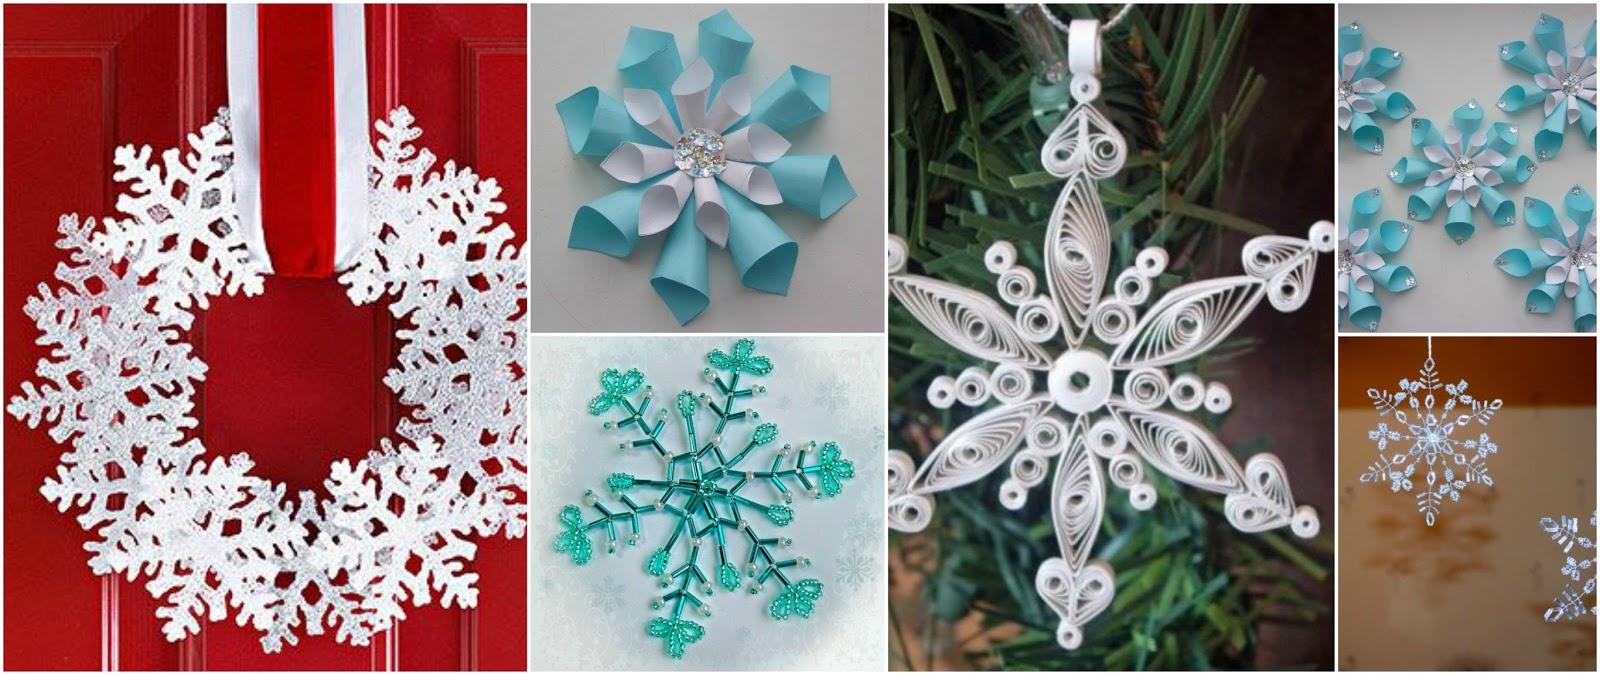 11 Ideas bonitas para hacer copos de nieve en navidad ~ Manoslindas.com